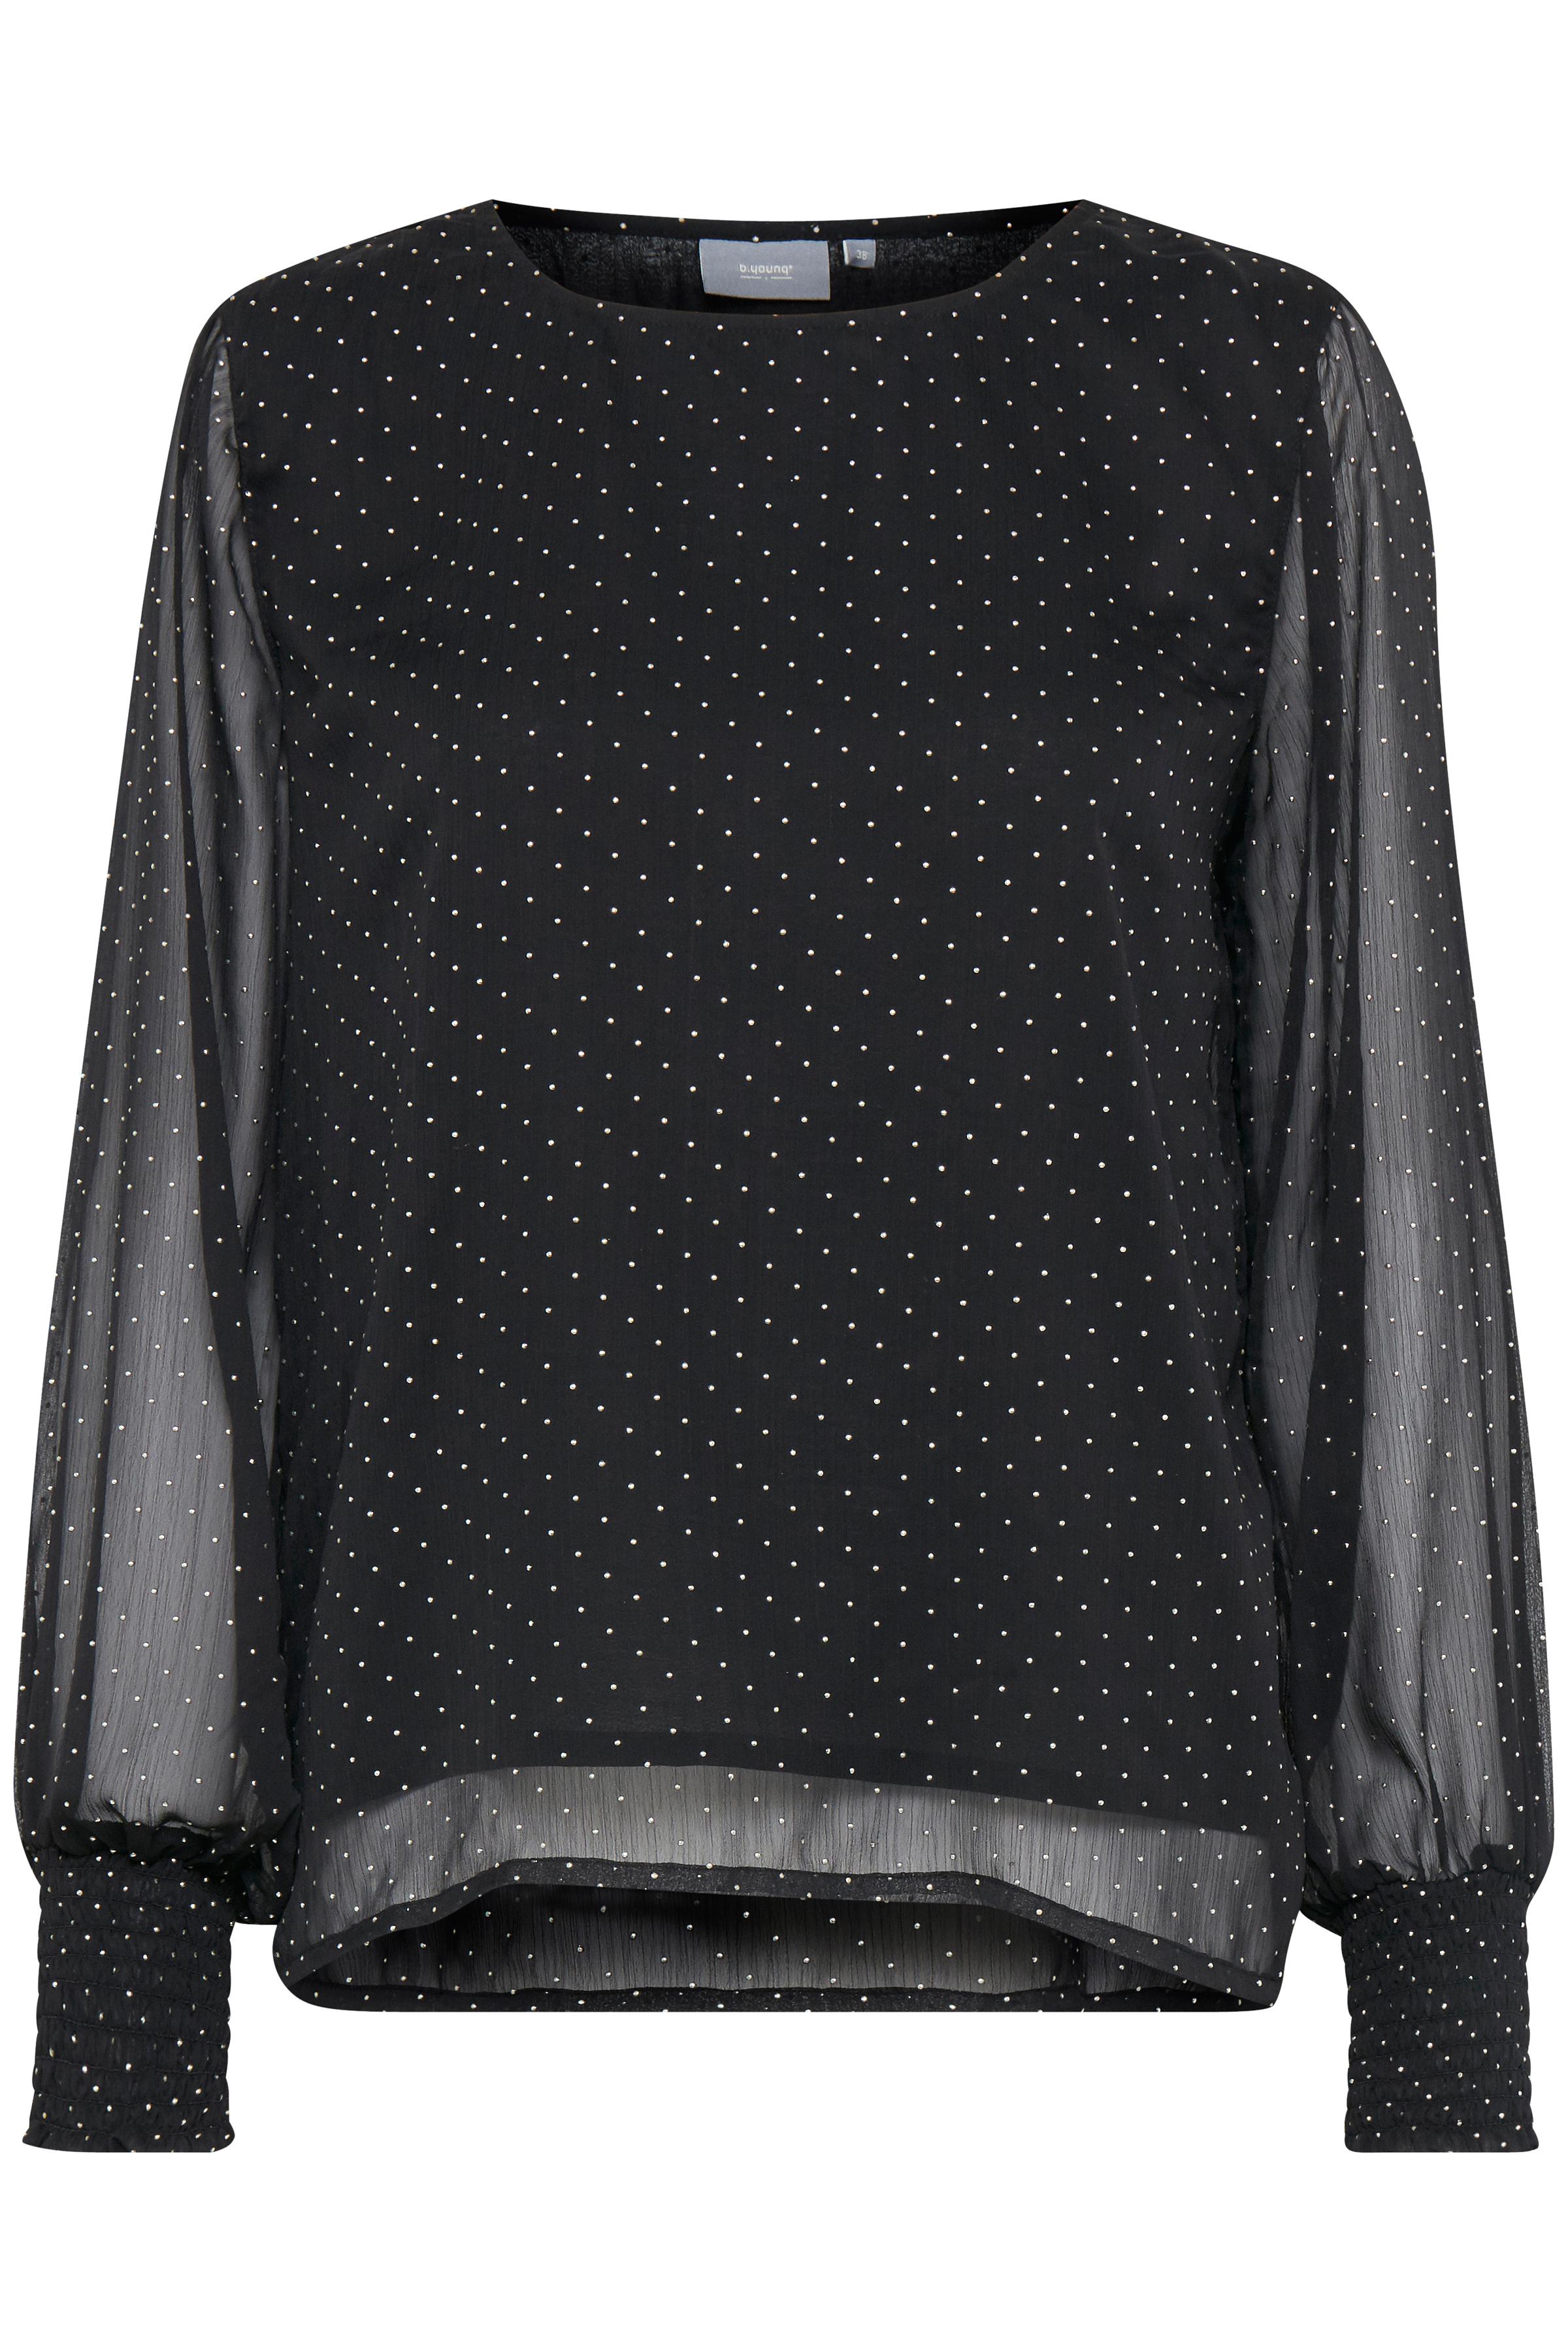 Black combi Langærmet bluse fra b.young – Køb Black combi Langærmet bluse fra str. 34-44 her